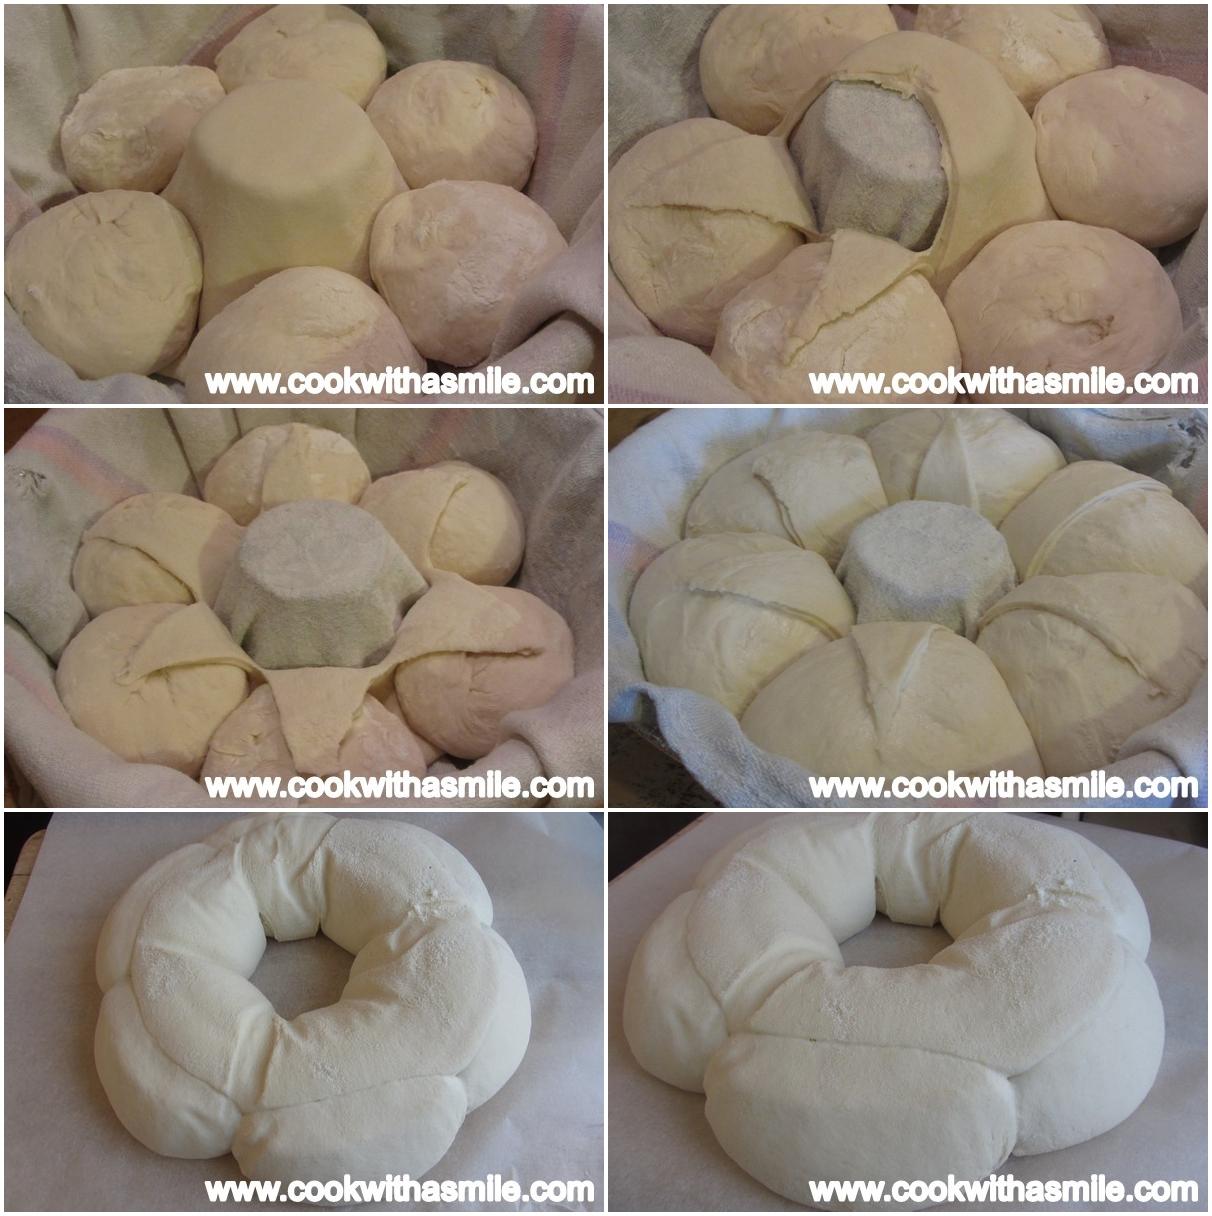 как се оформя хляб корона стъпка по стъпка